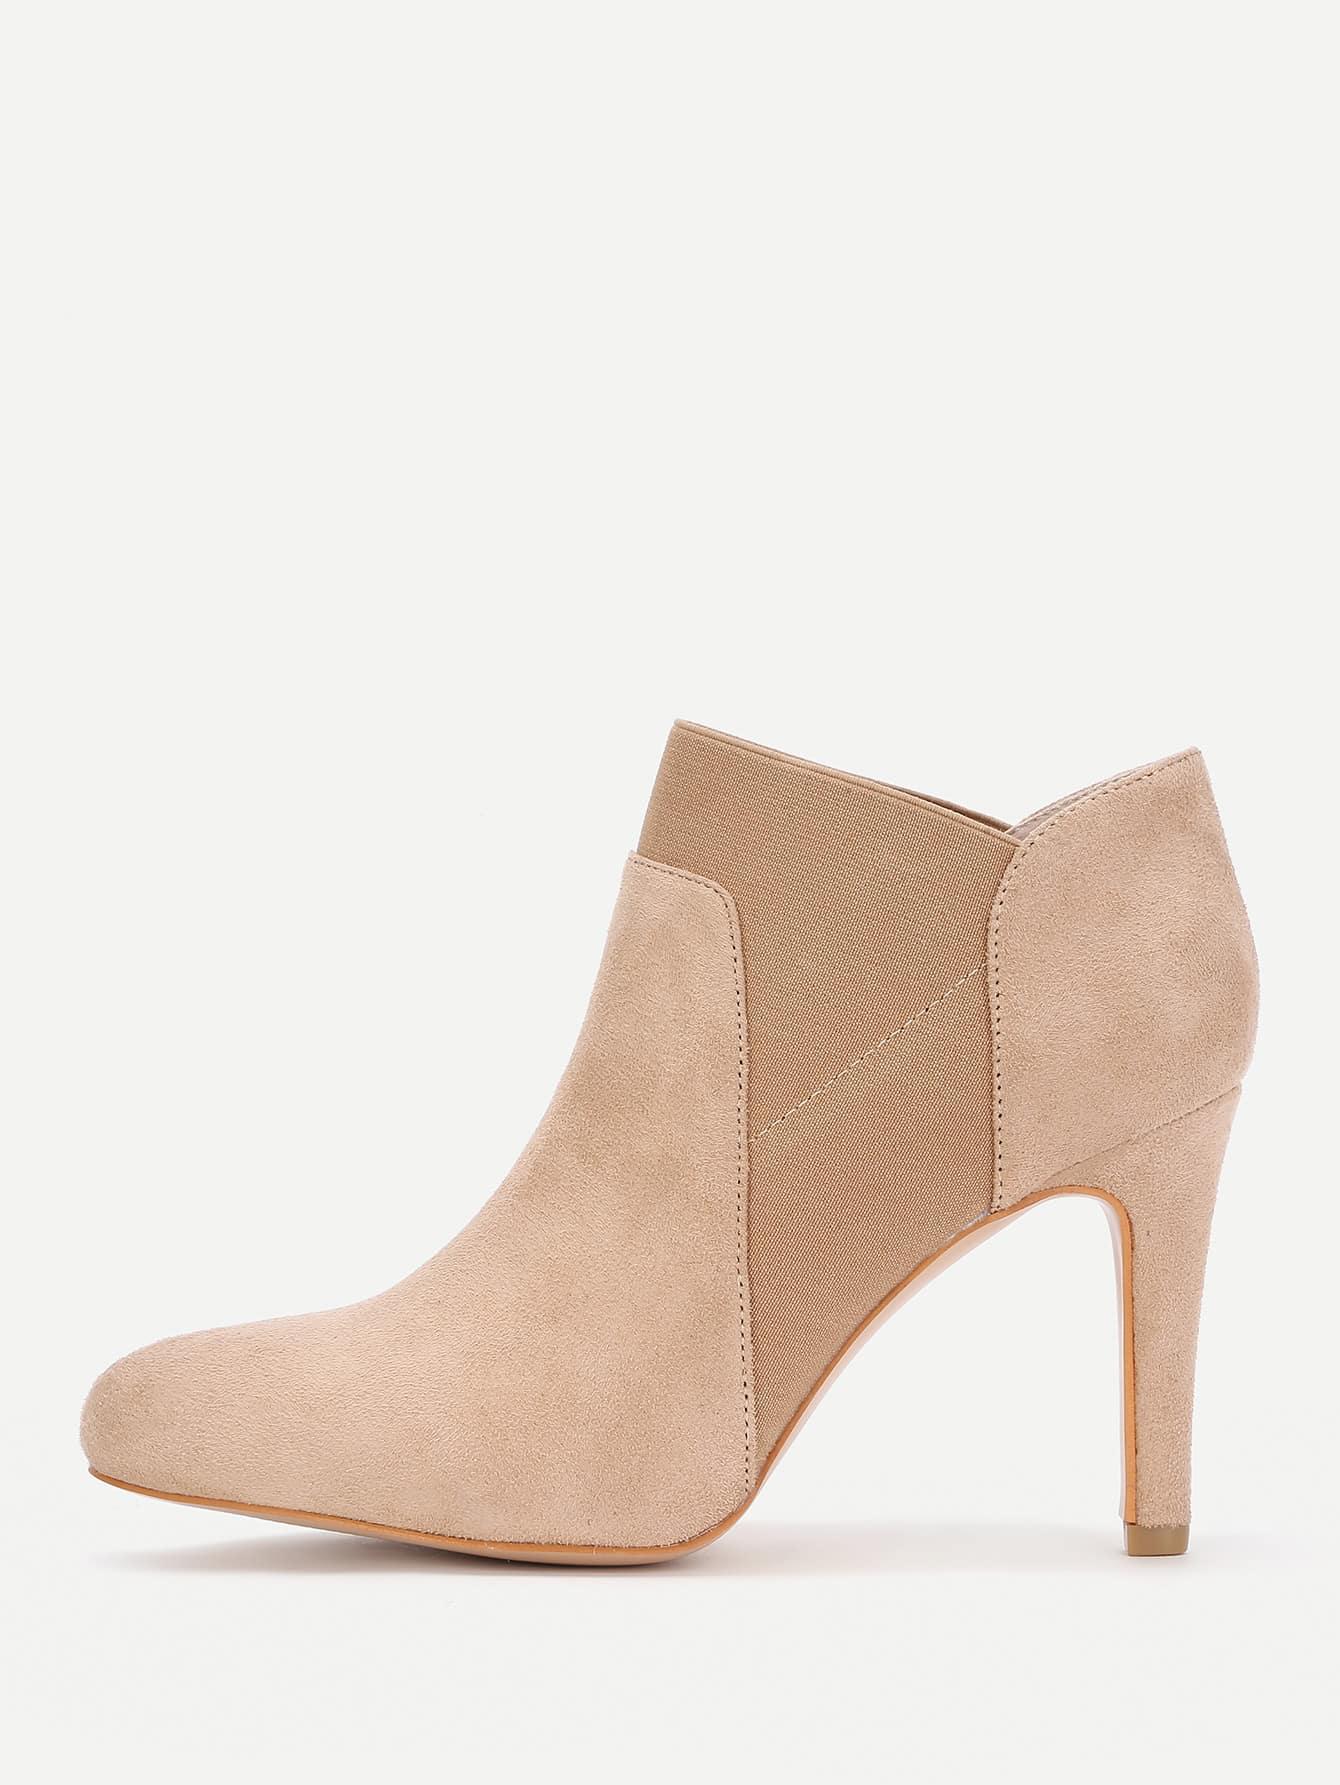 Фото Pointed Toe Stiletto Heel Boots. Купить с доставкой